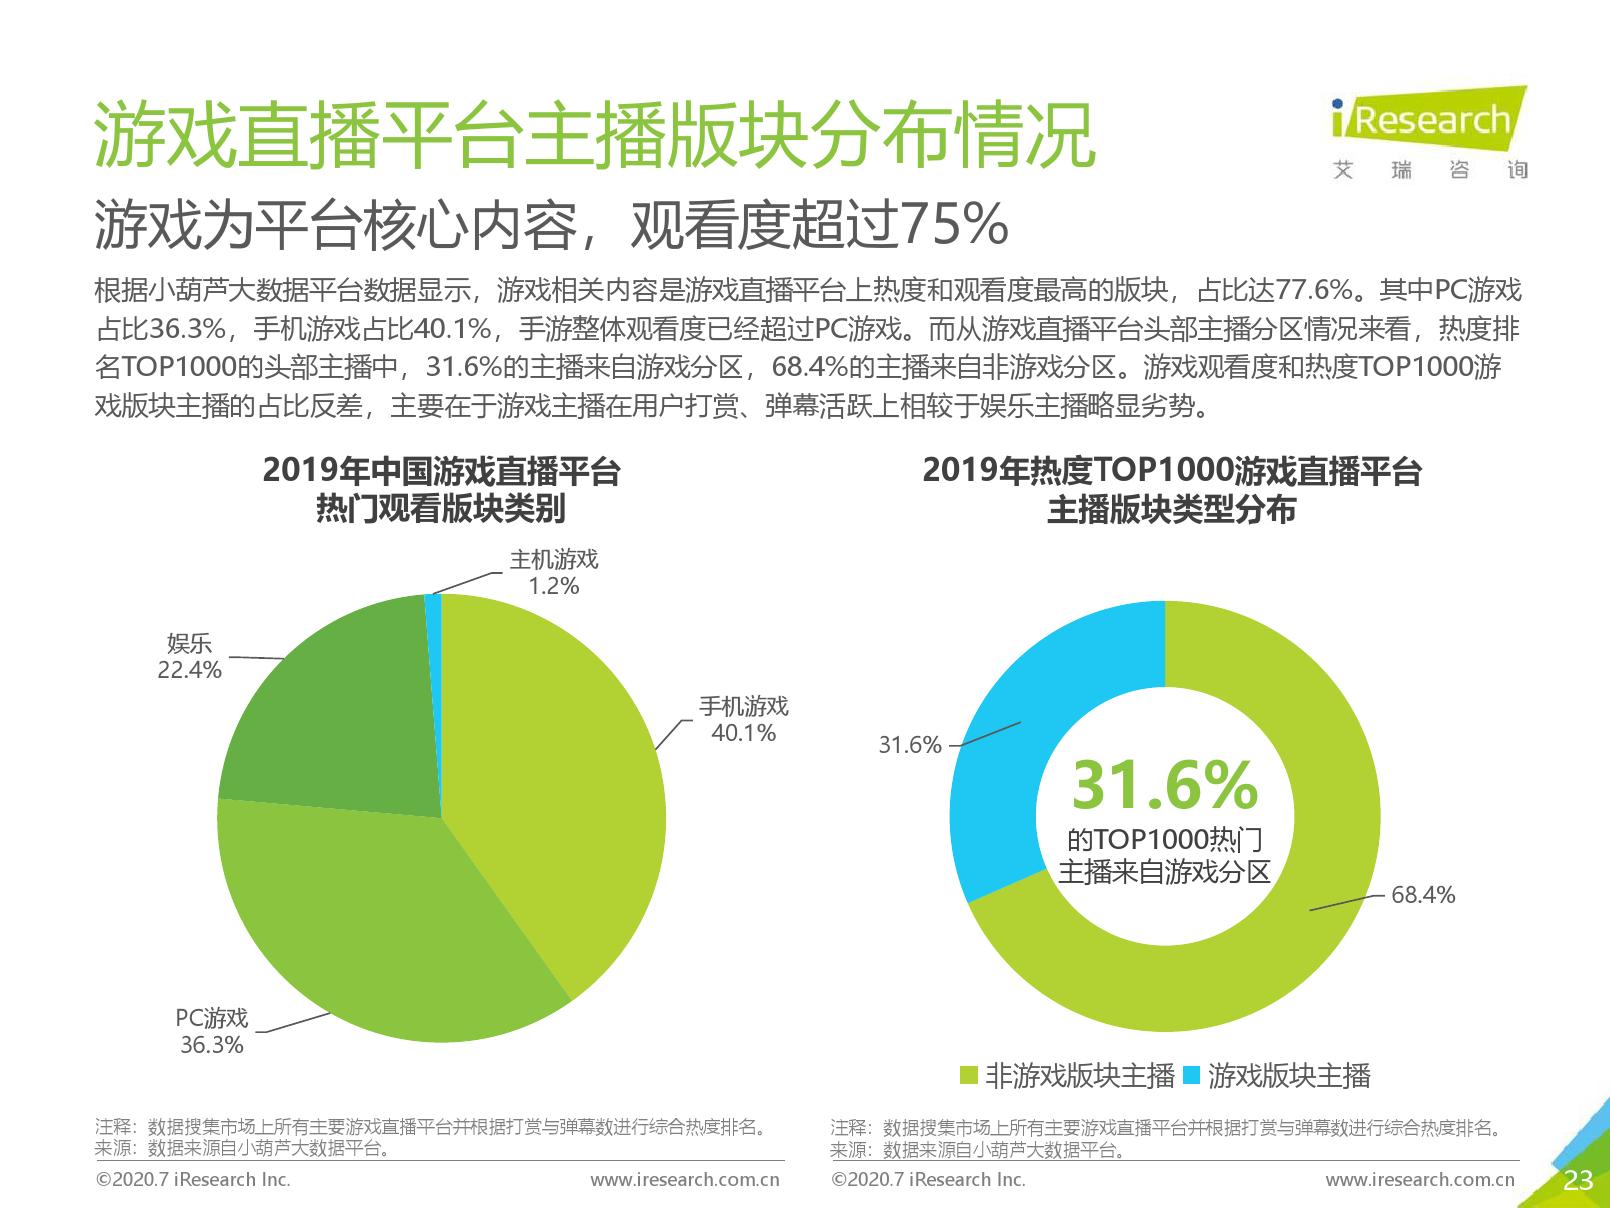 艾瑞咨询:2020年中国游戏直播行业研究报告(可下载报告)插图(45)